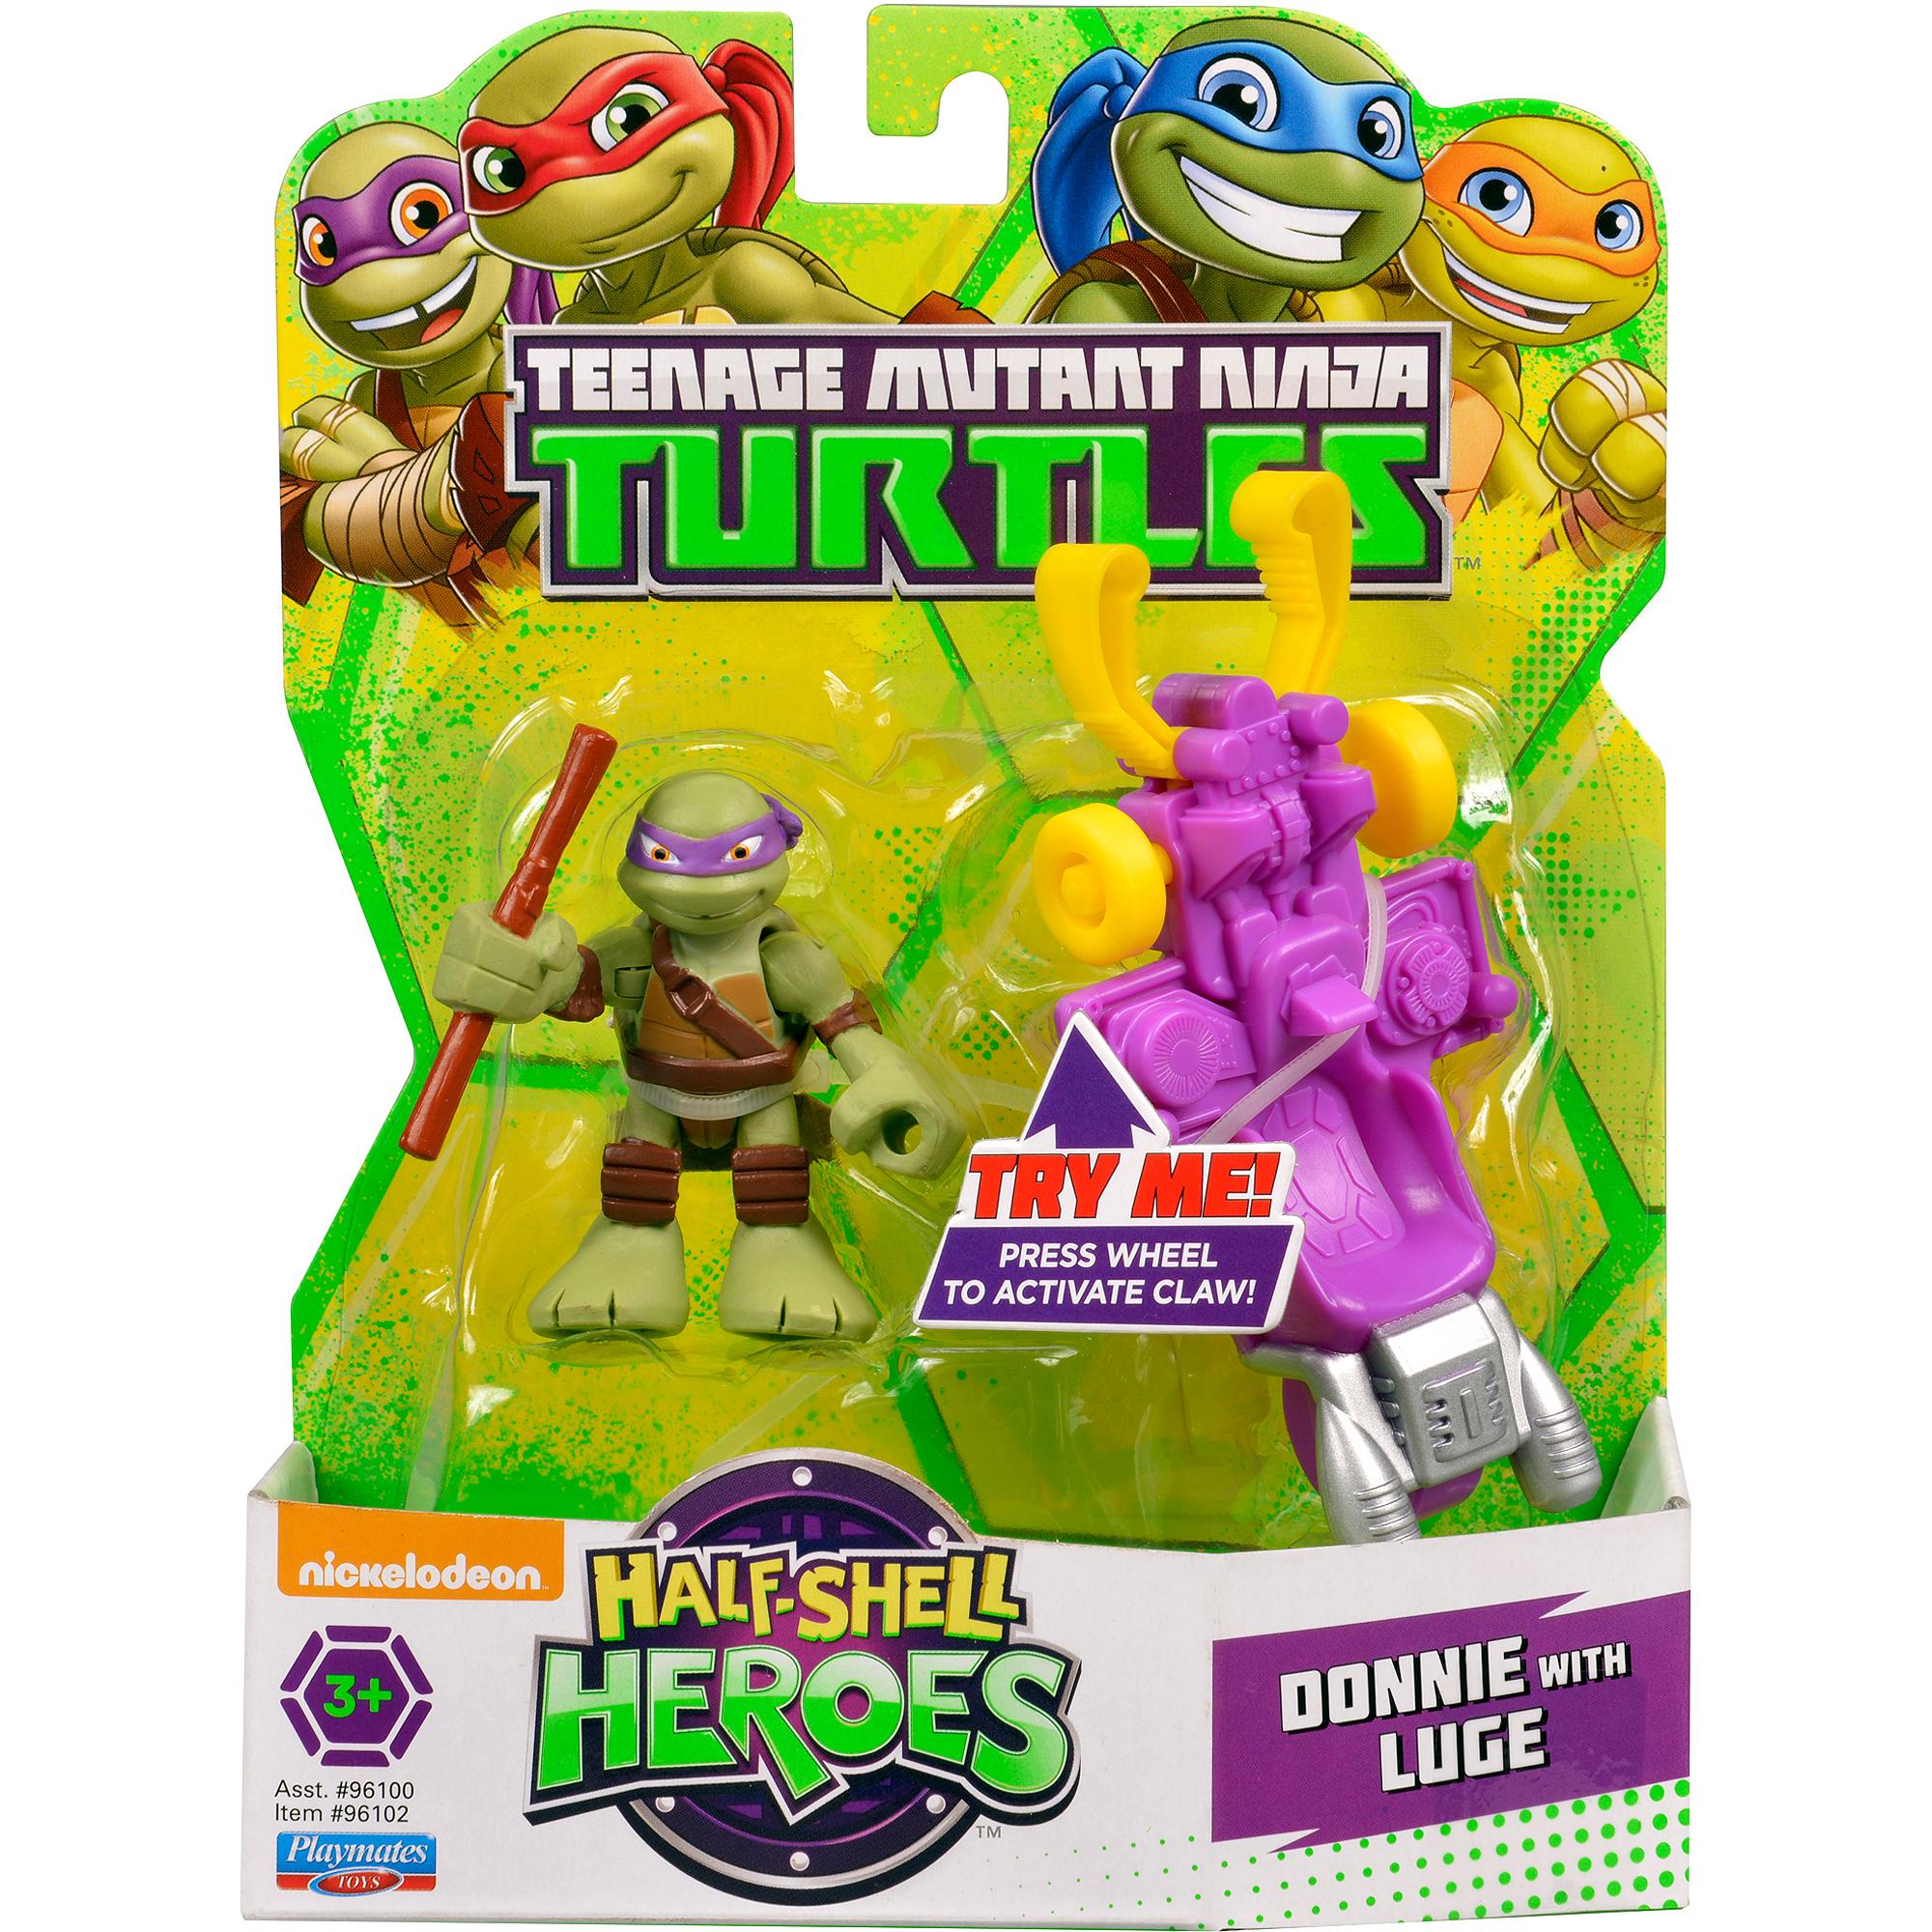 Teenage Mutant Ninja Turtles Don with Lige